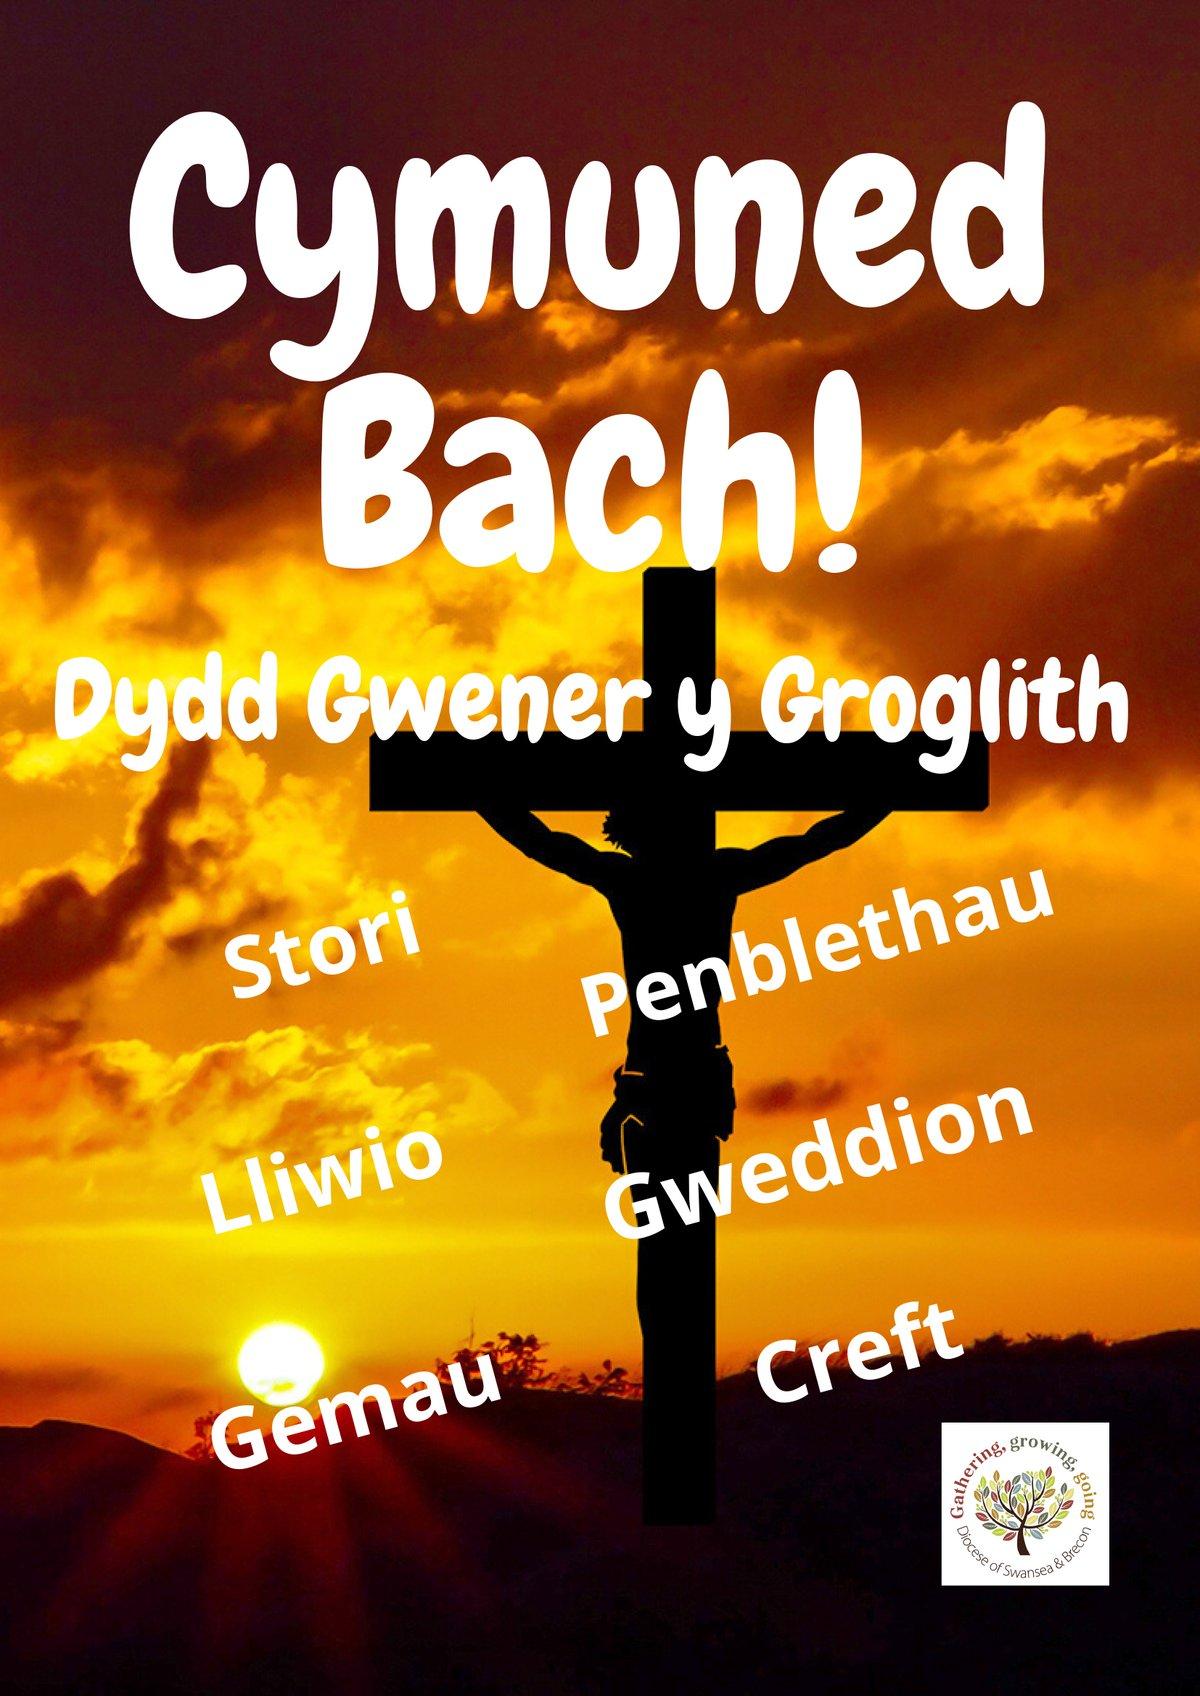 Dydd-Gwener-y-Groglith-1.jpg